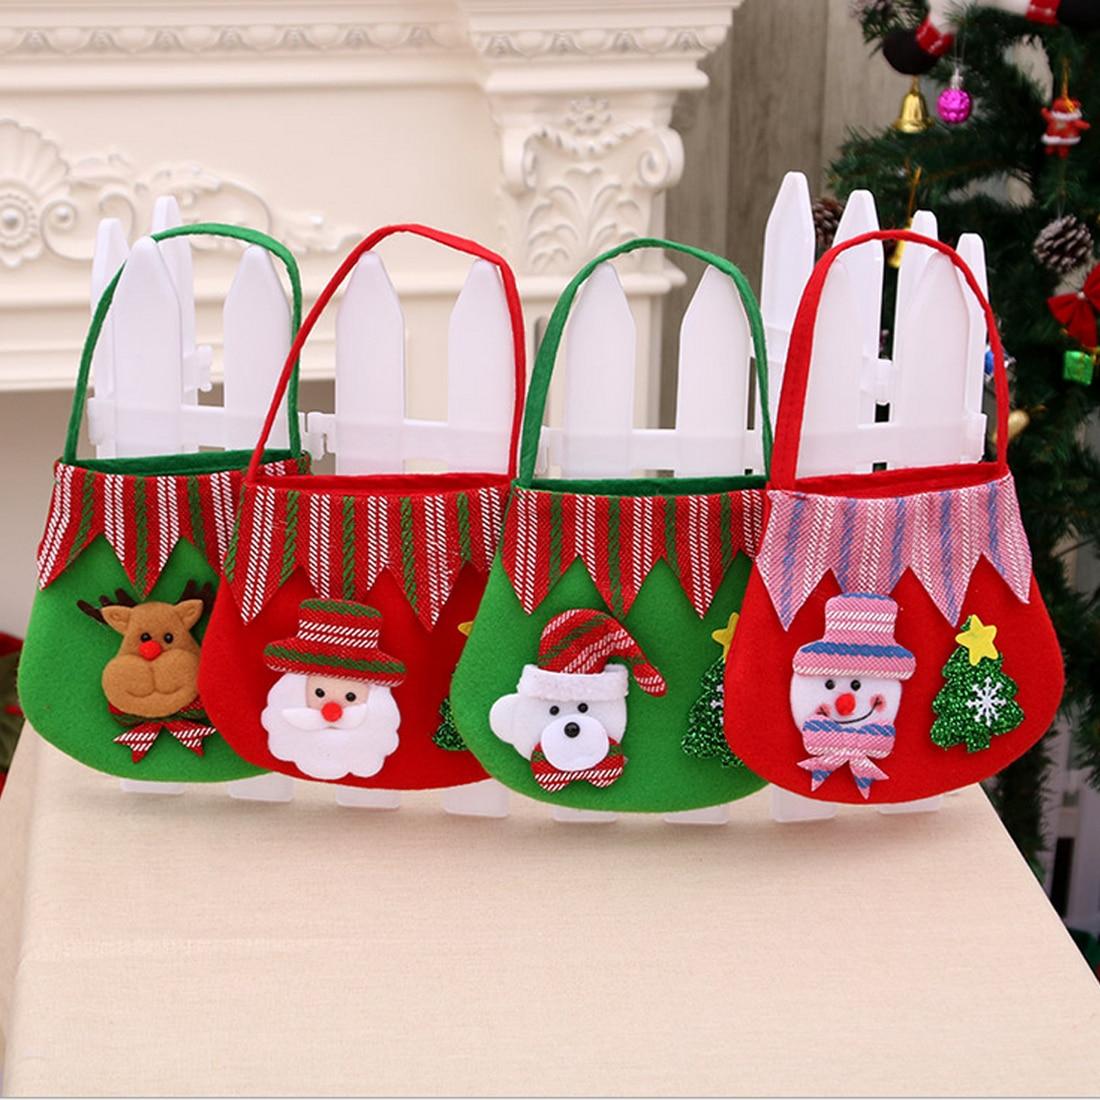 Weihnachten Weihnachtsmann Kinder süßigkeiten geschenk taschen ...